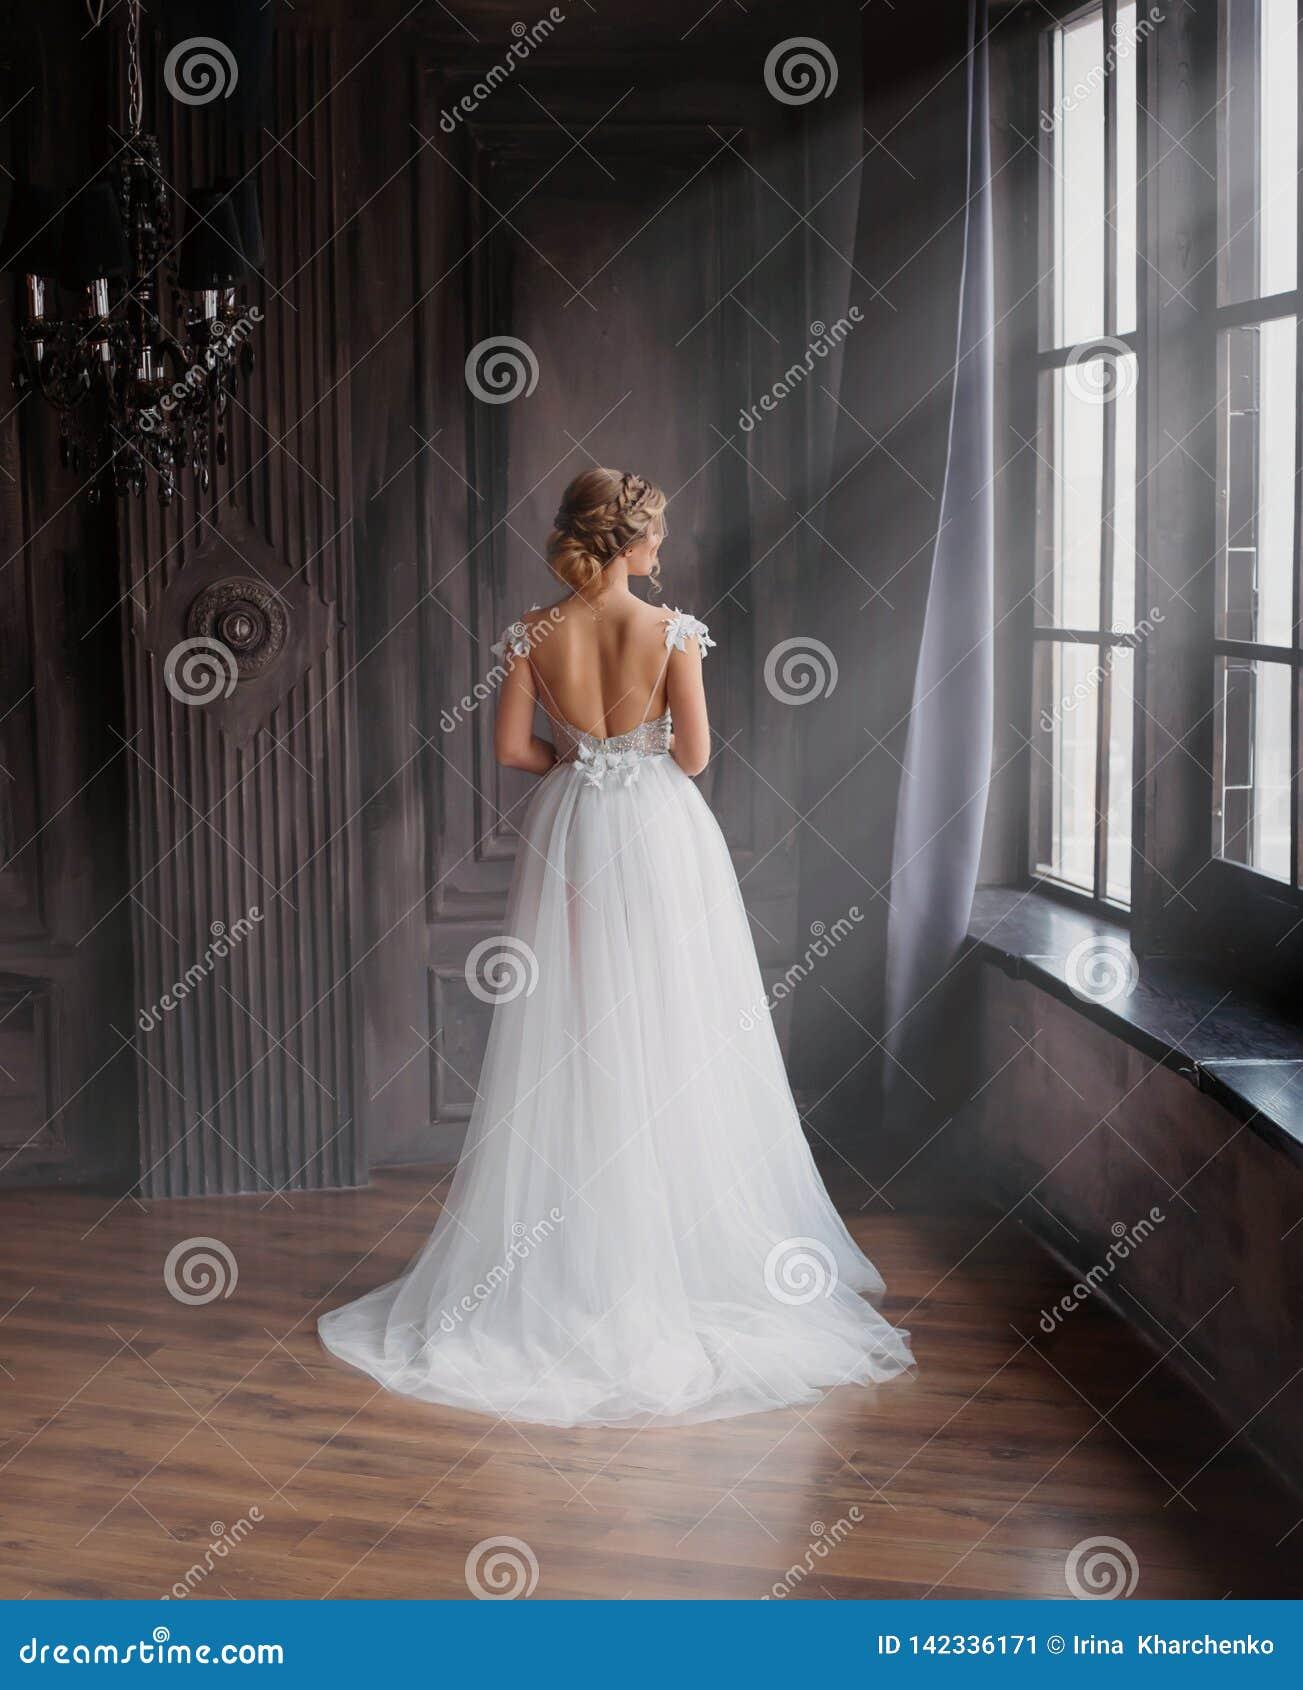 Изумительная дама в длинном белом прелестном дорогом светлом платье с поездом и открытых задних стойках с задней частью к камере,